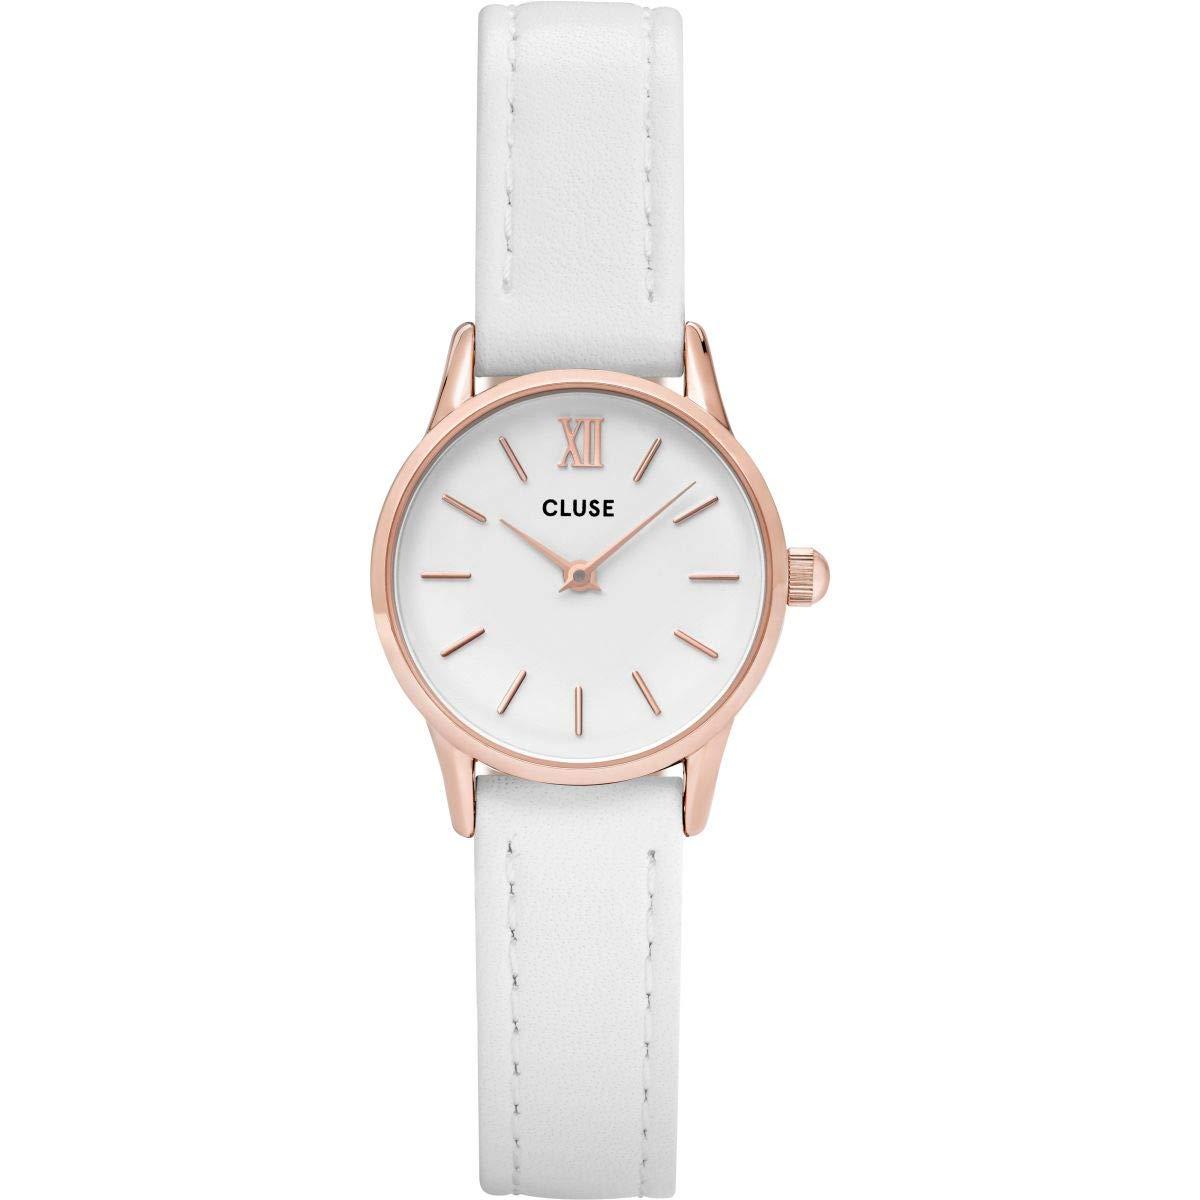 Cluse Reloj Analógico para Mujer de Cuarzo con Correa en Cuero CL50030: Amazon.es: Relojes